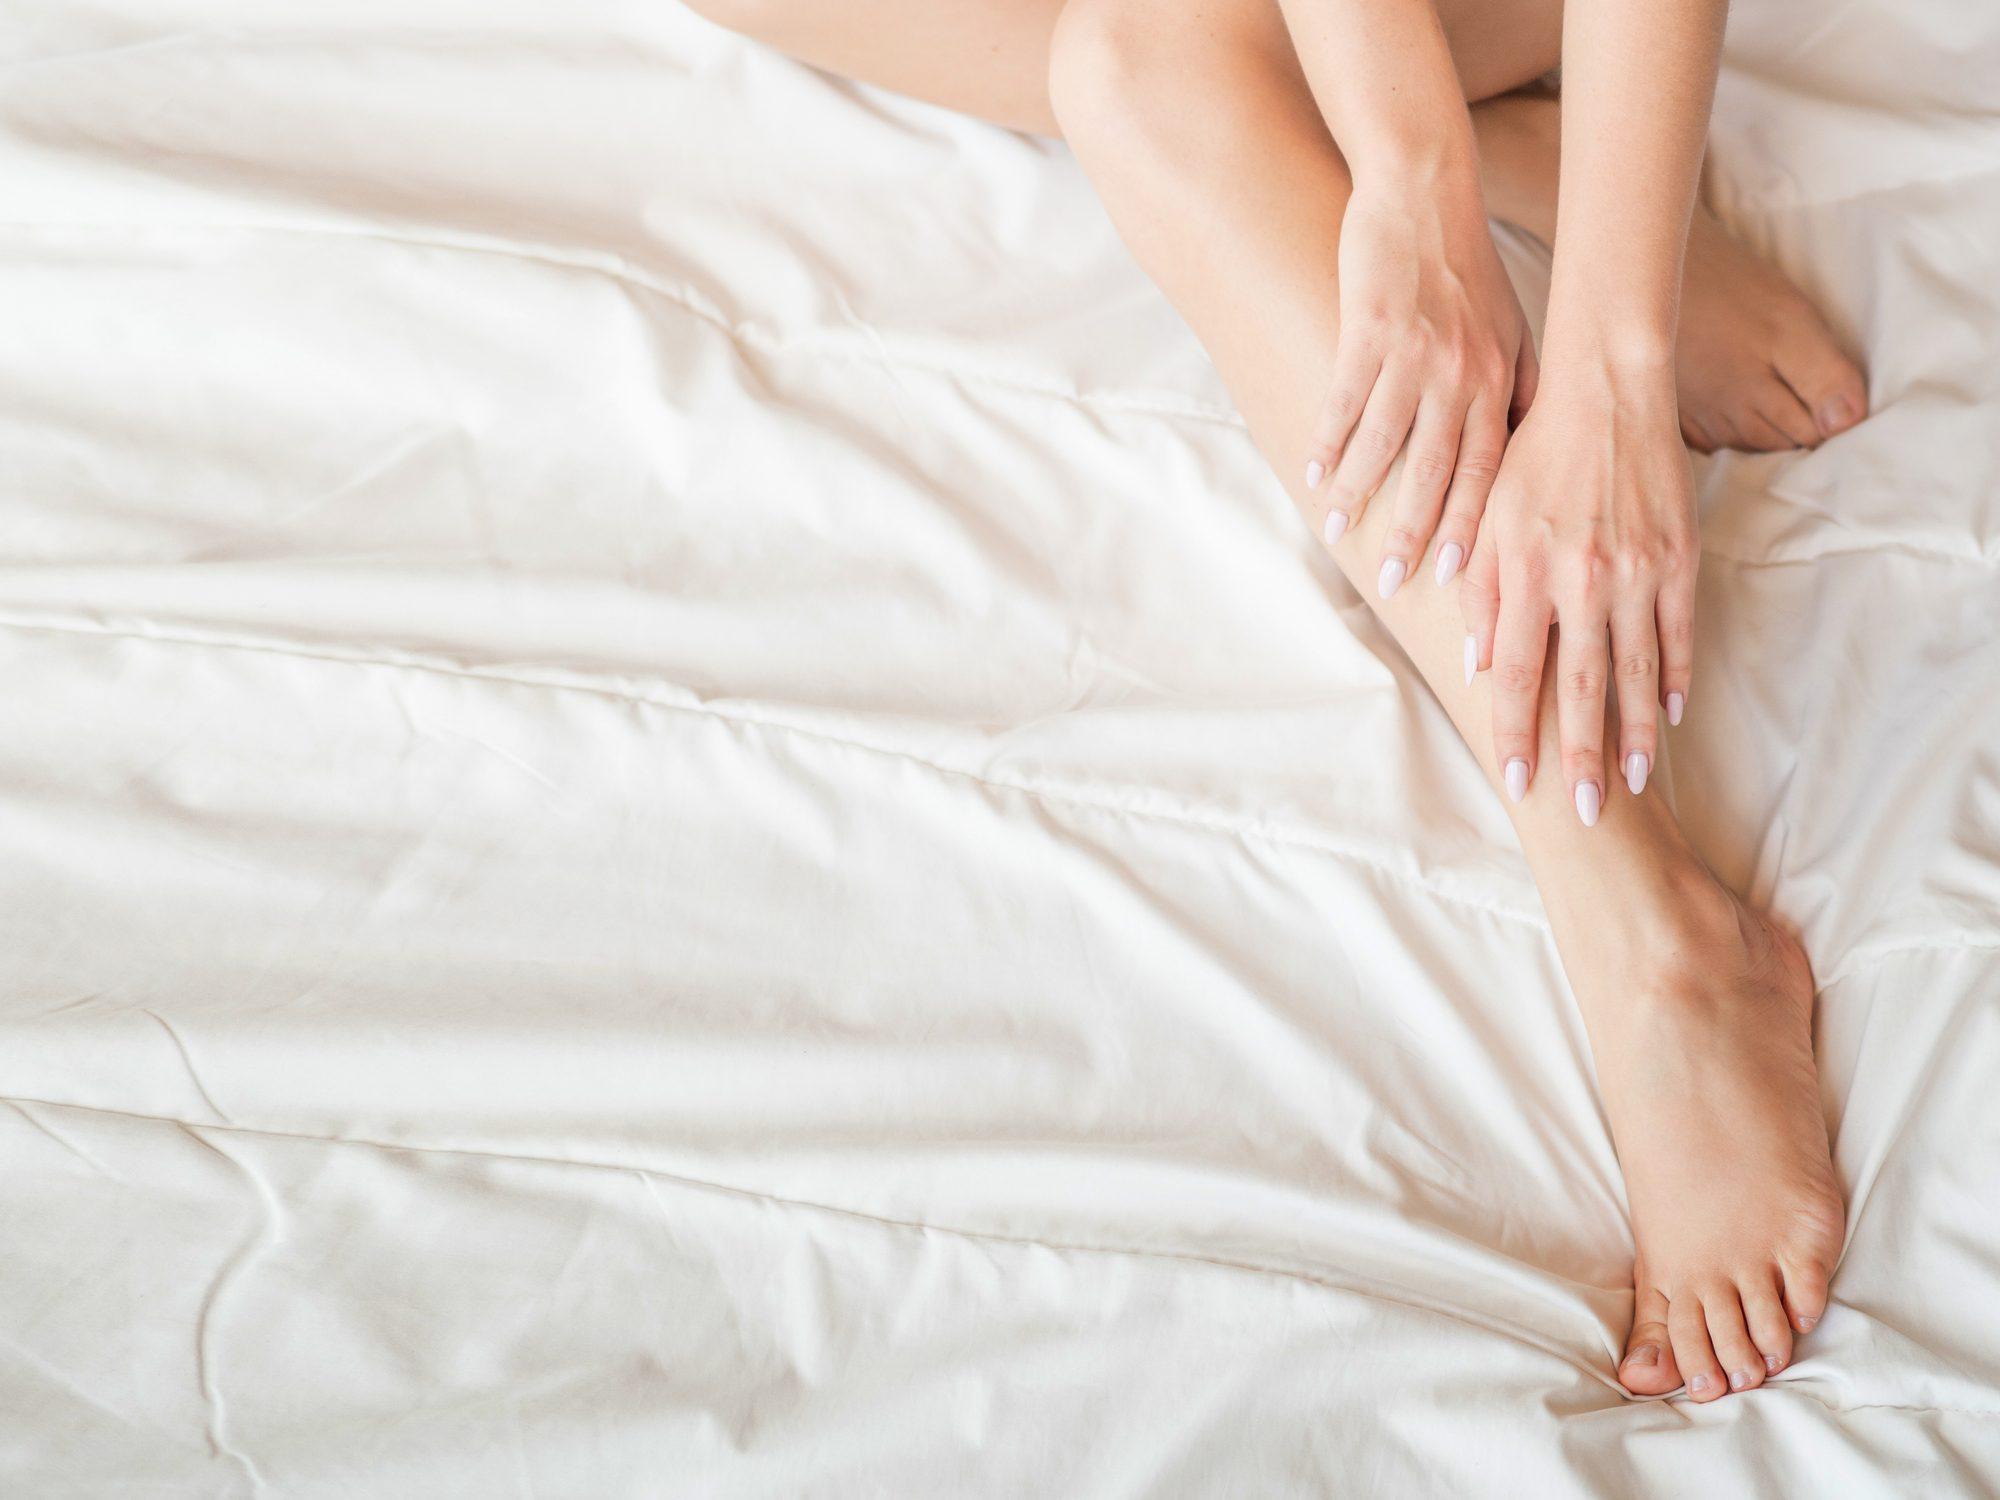 Perché vengono i crampi notturni? Ecco le possibili cause!